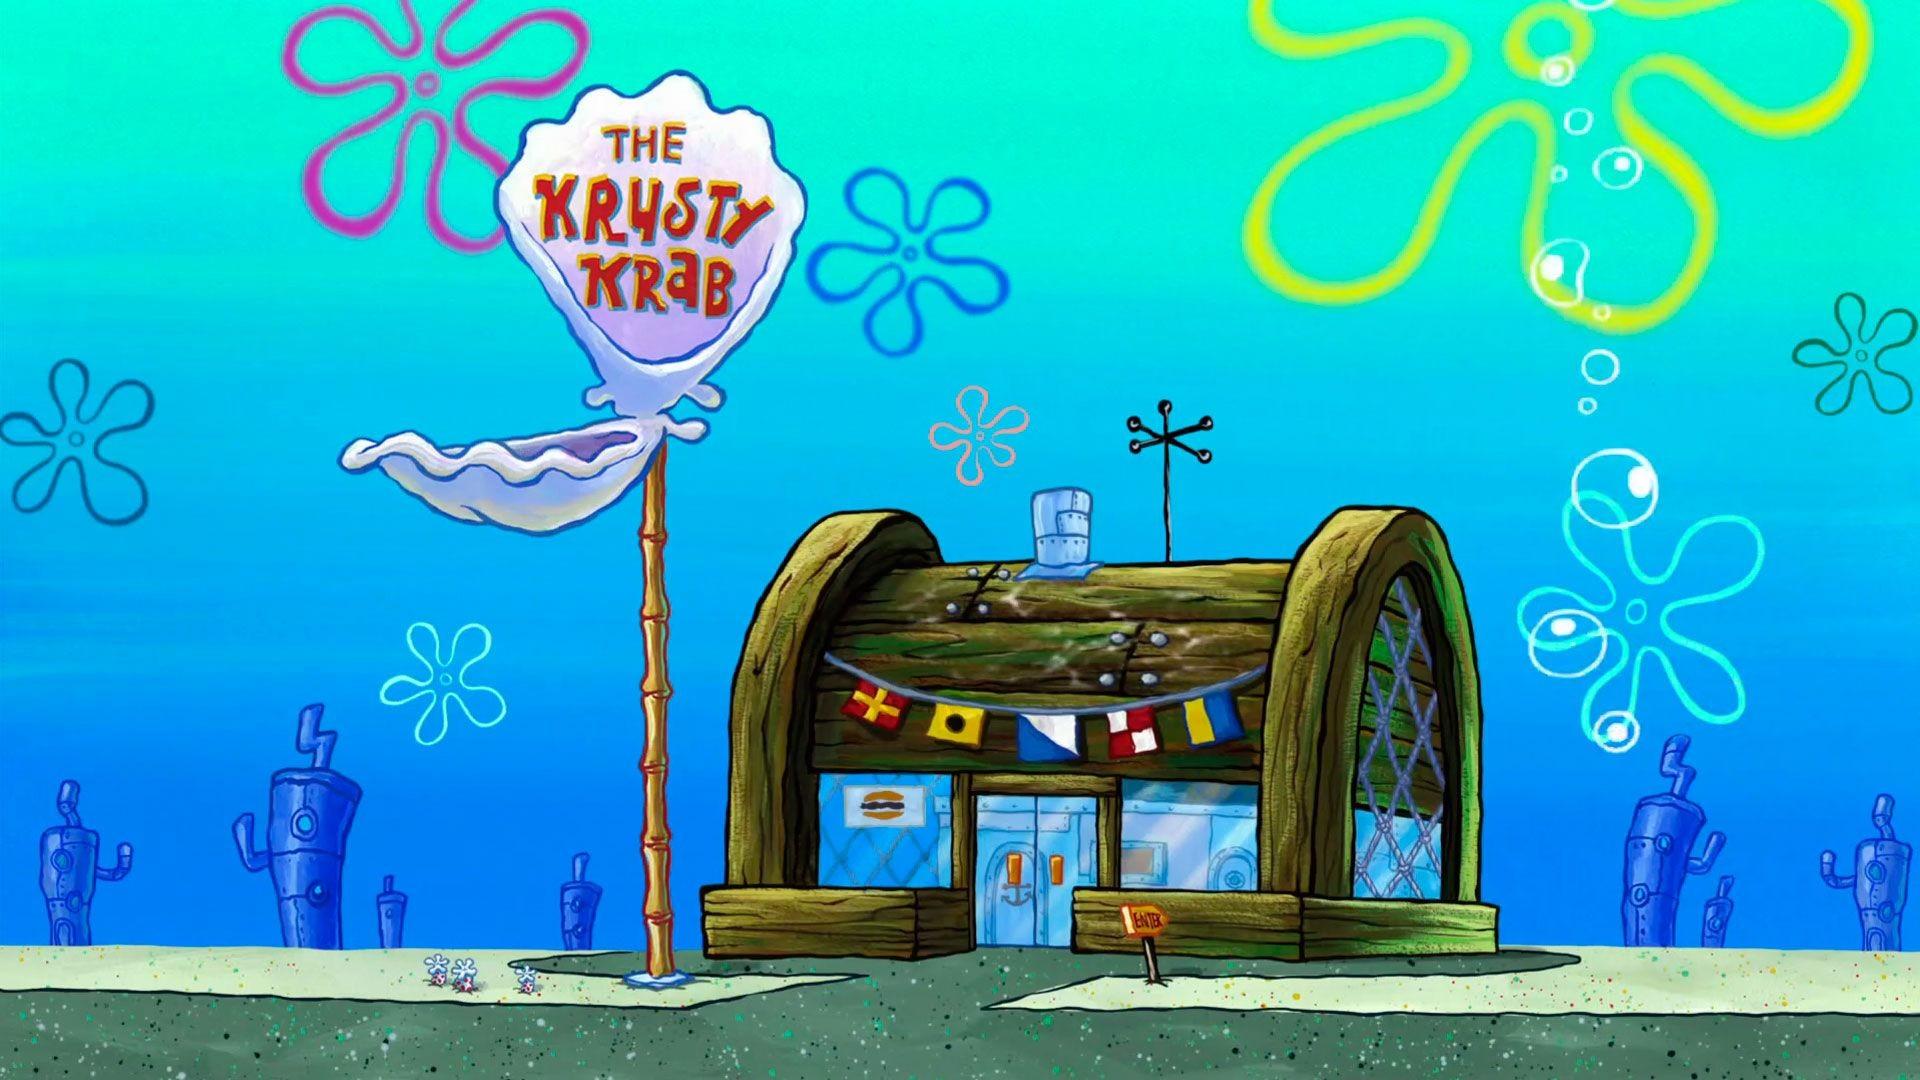 spongebob background pictures 75